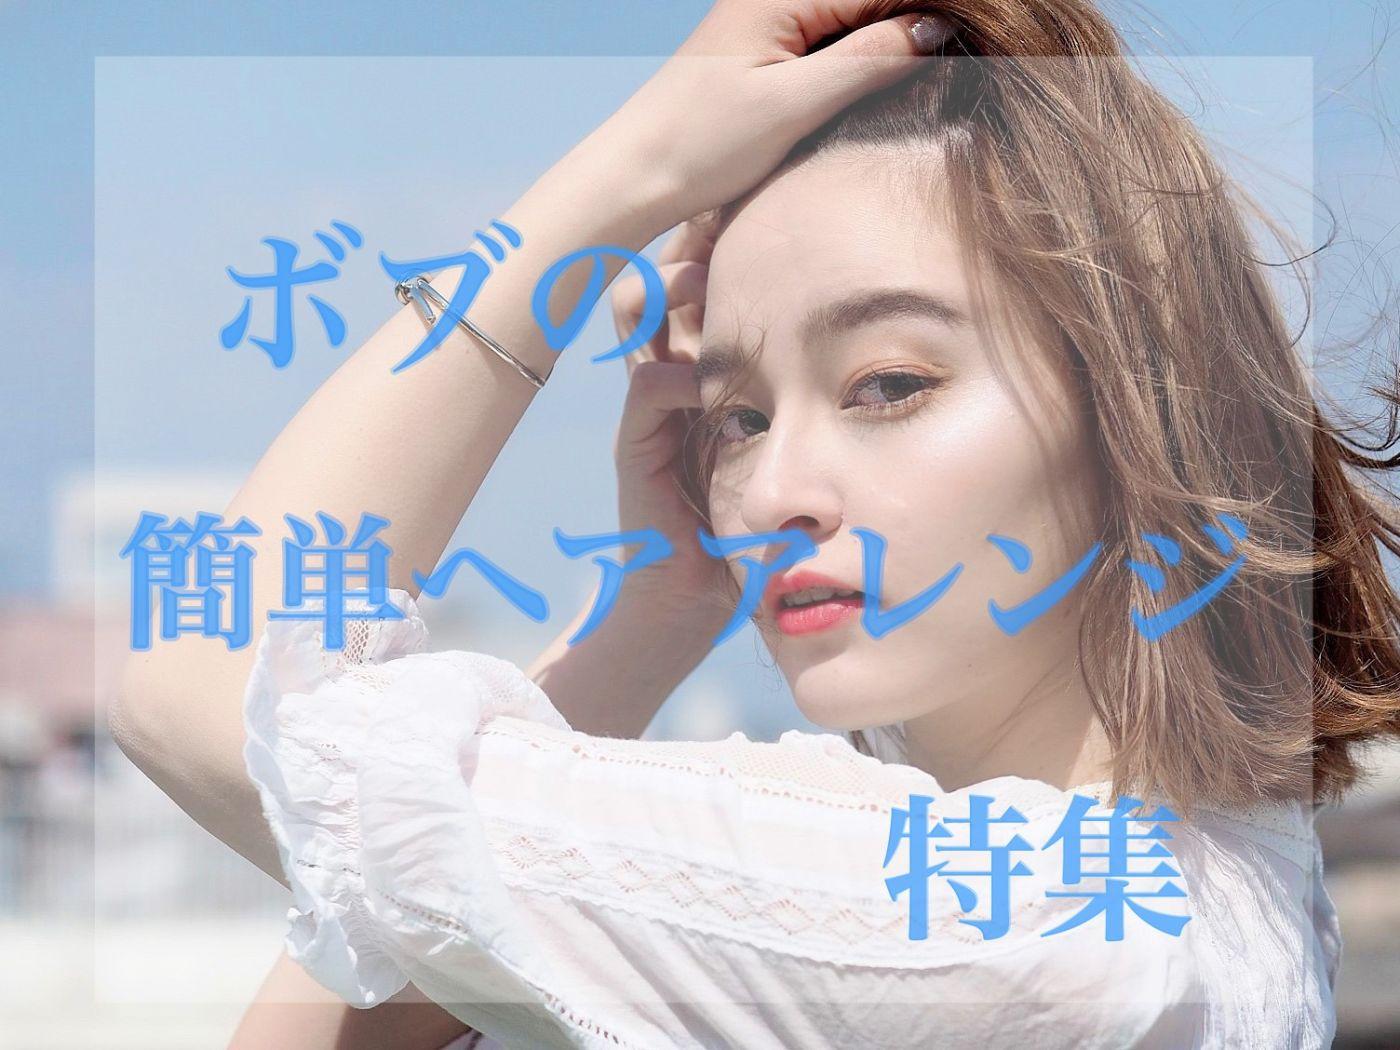 【マンネリ解消】ボブでもできる☆定番〜簡単トレンドアレンジヘアカタログ♡